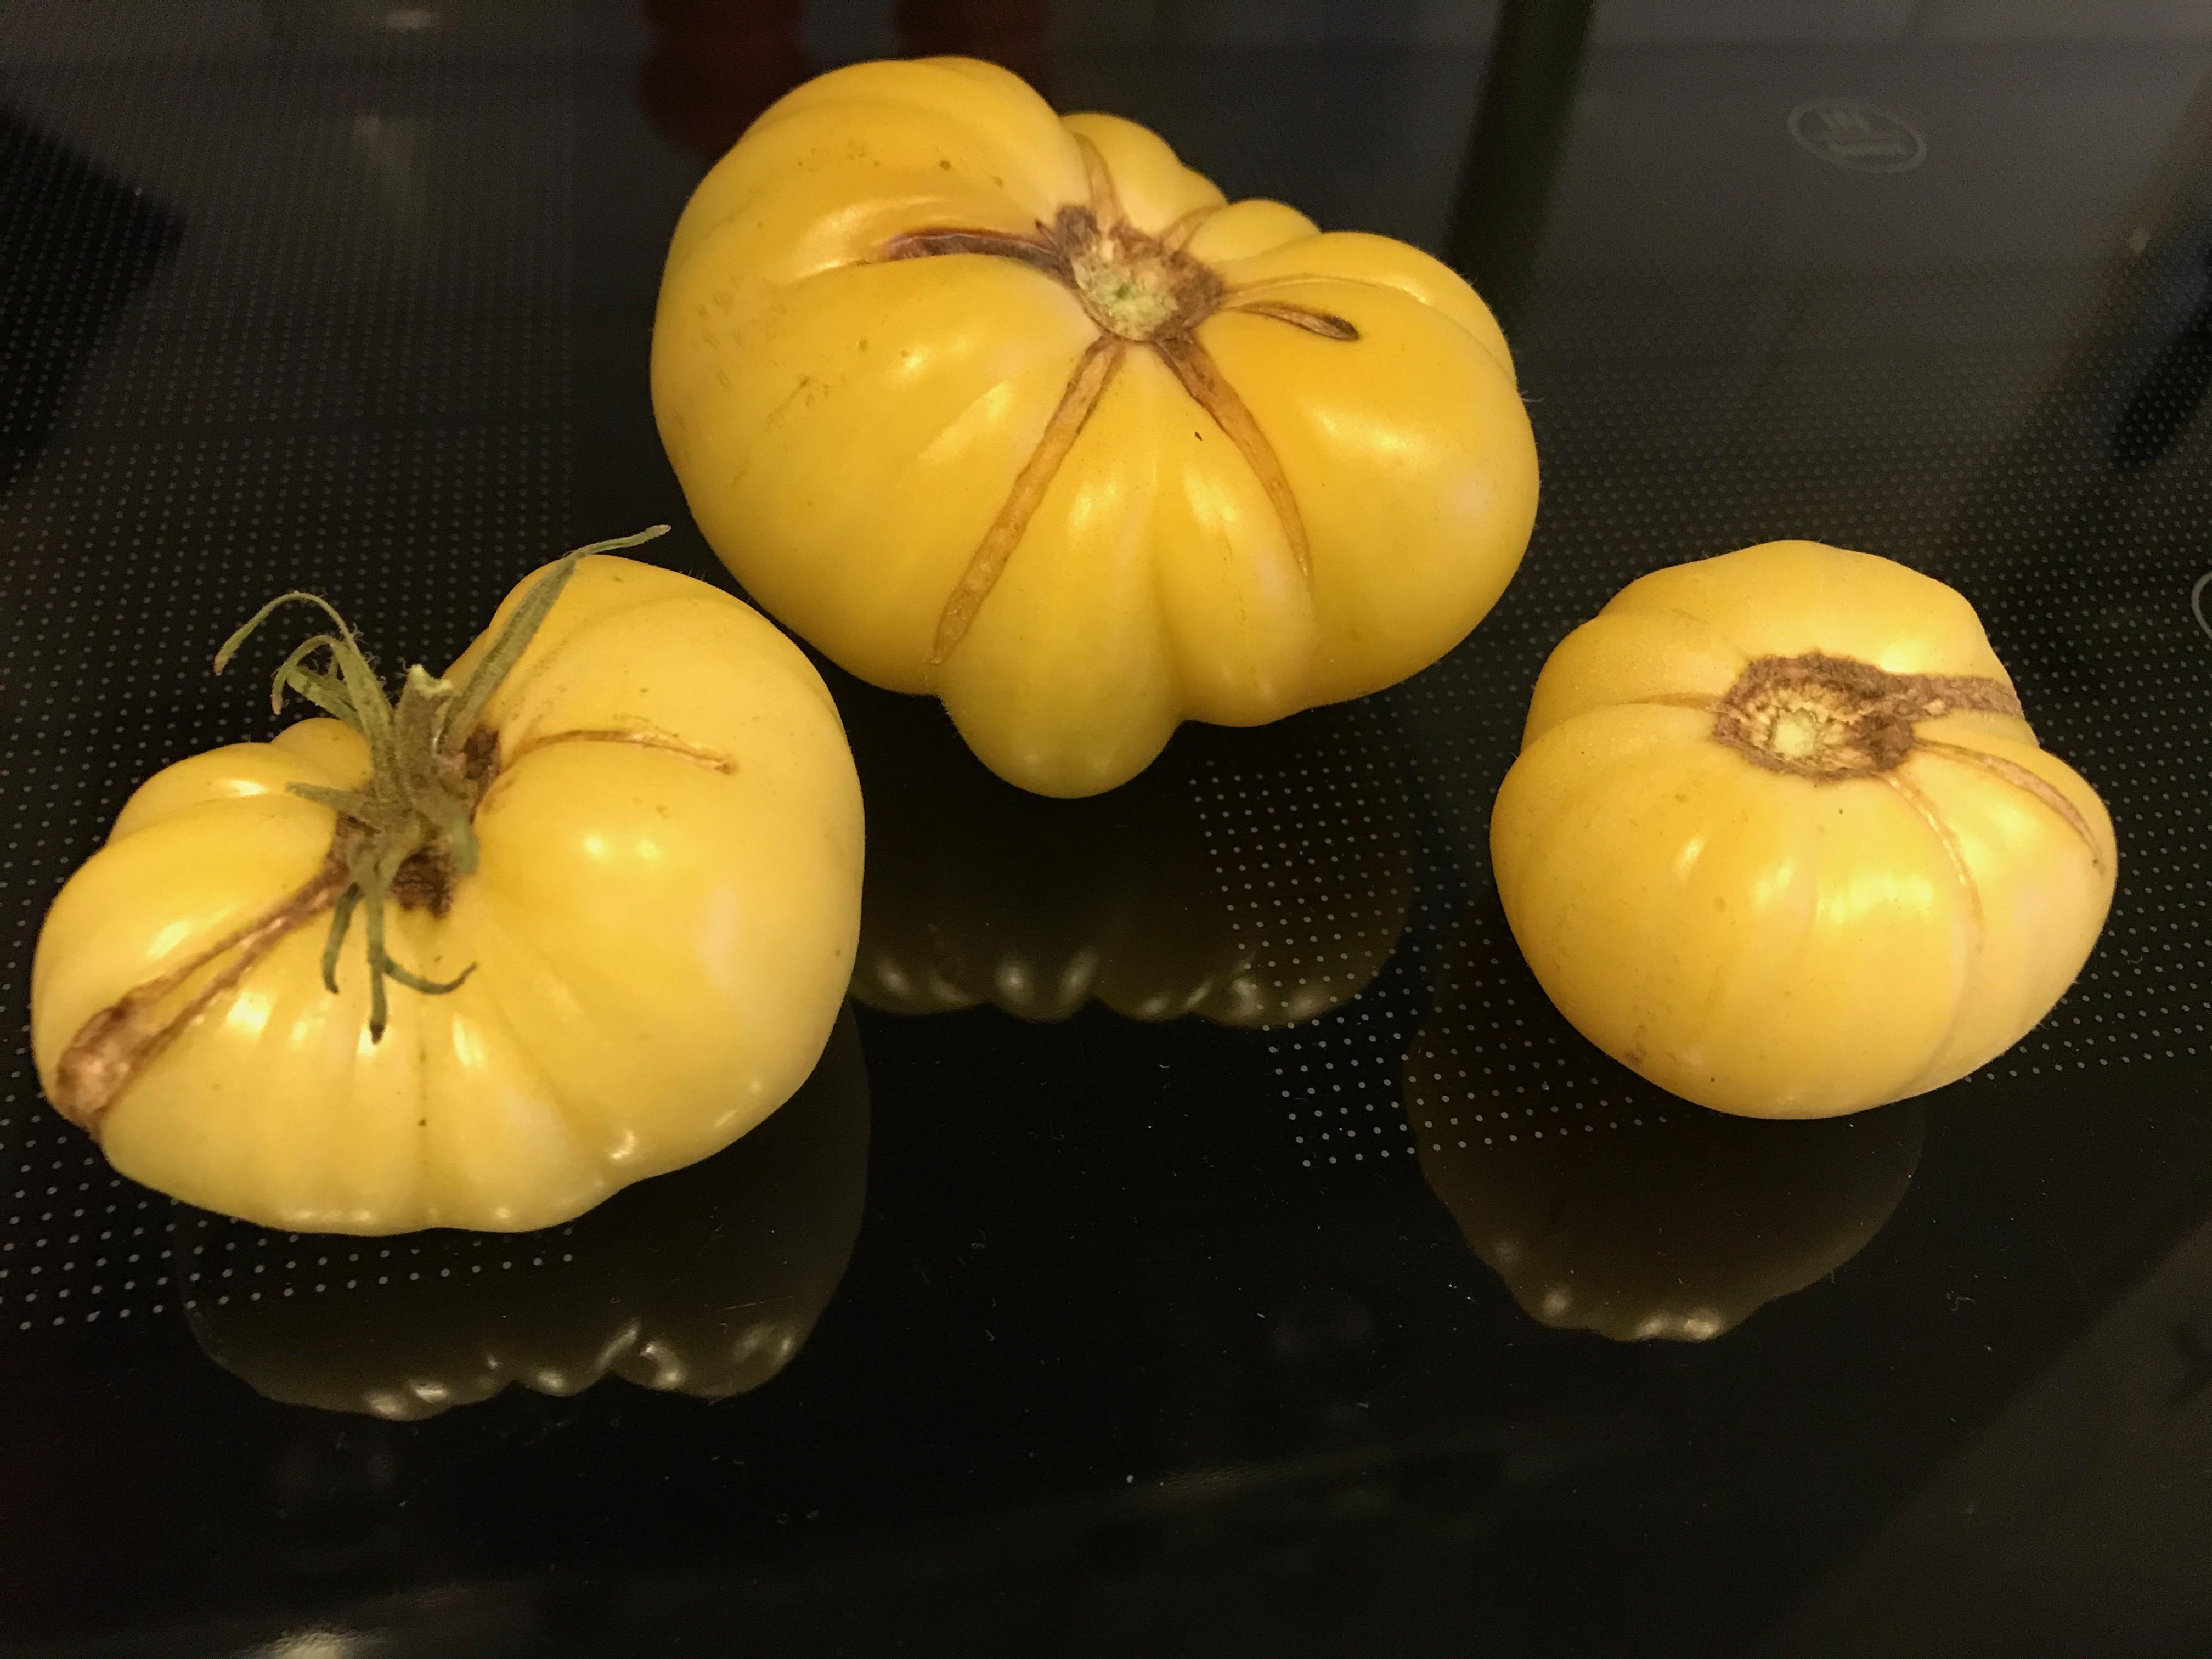 Gula tomater som har form som pumpor